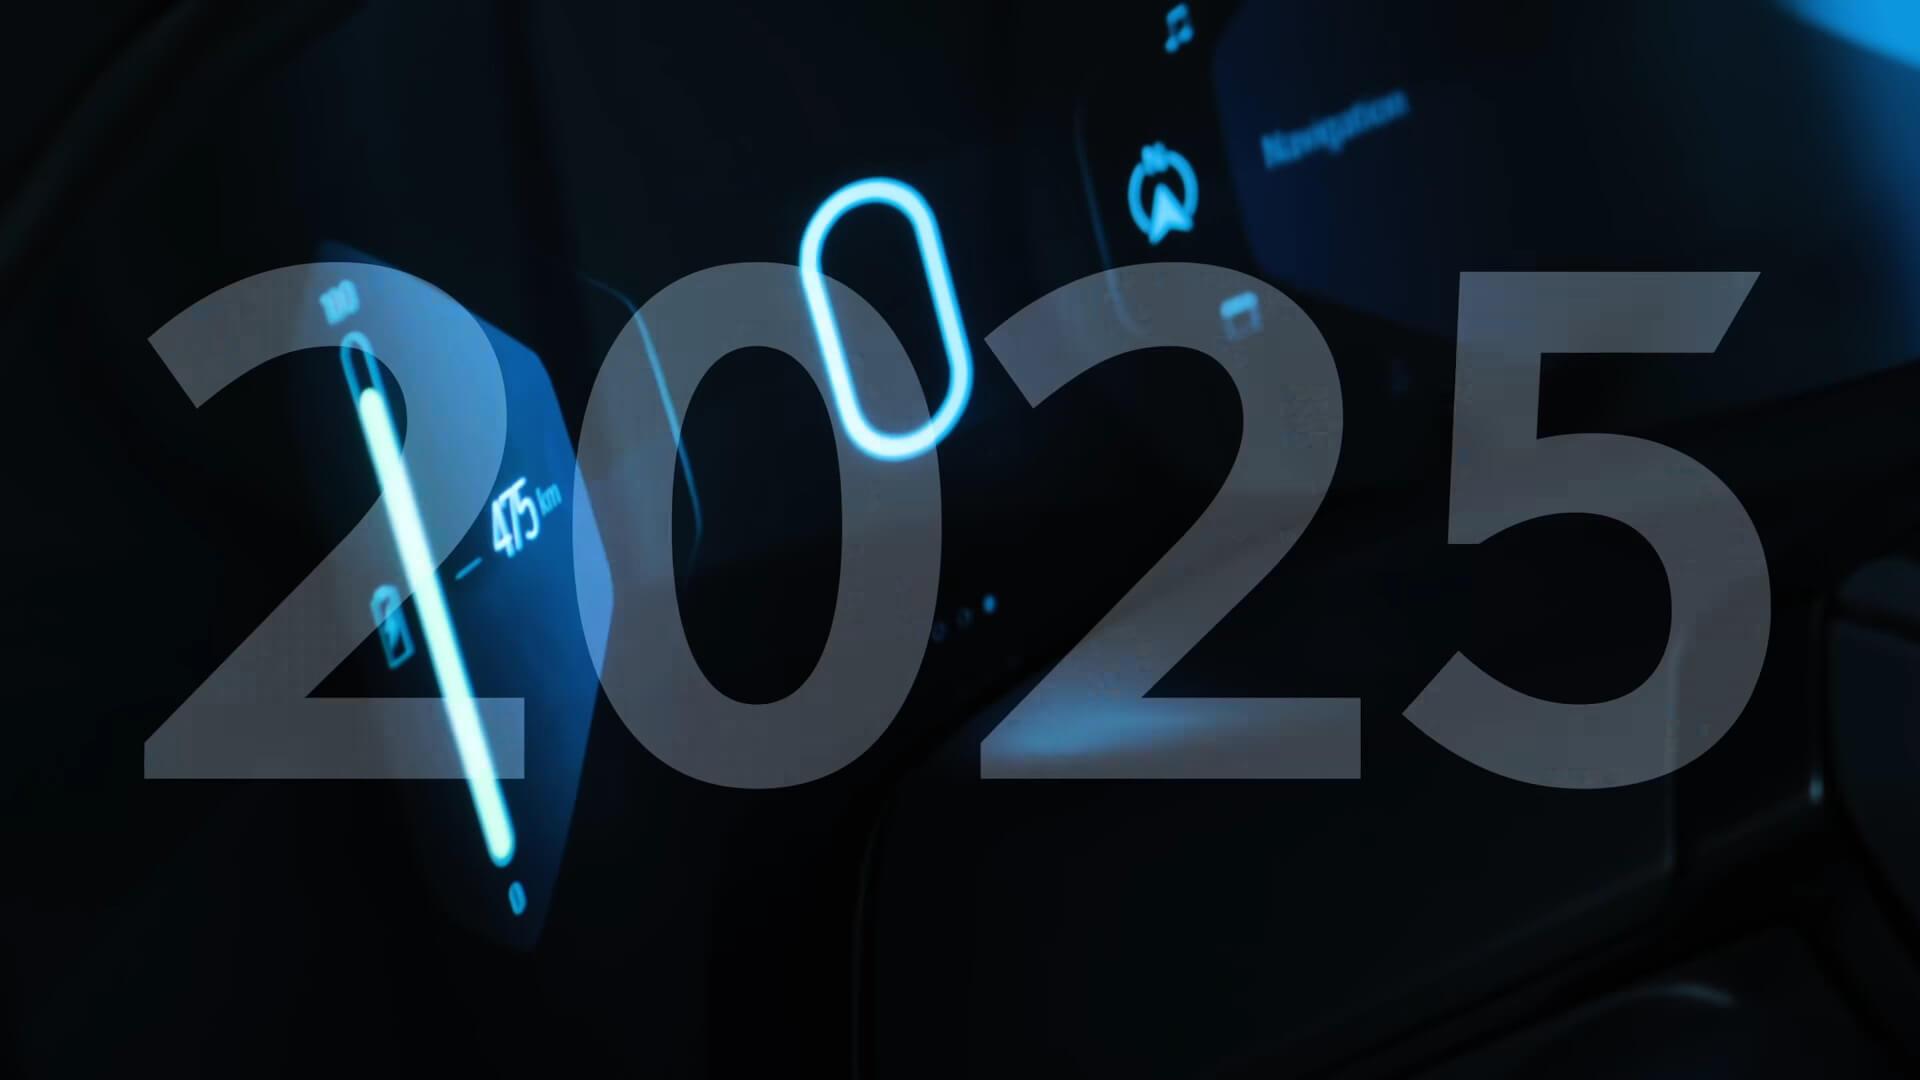 Индикатор батареи показывает запас хода в475км